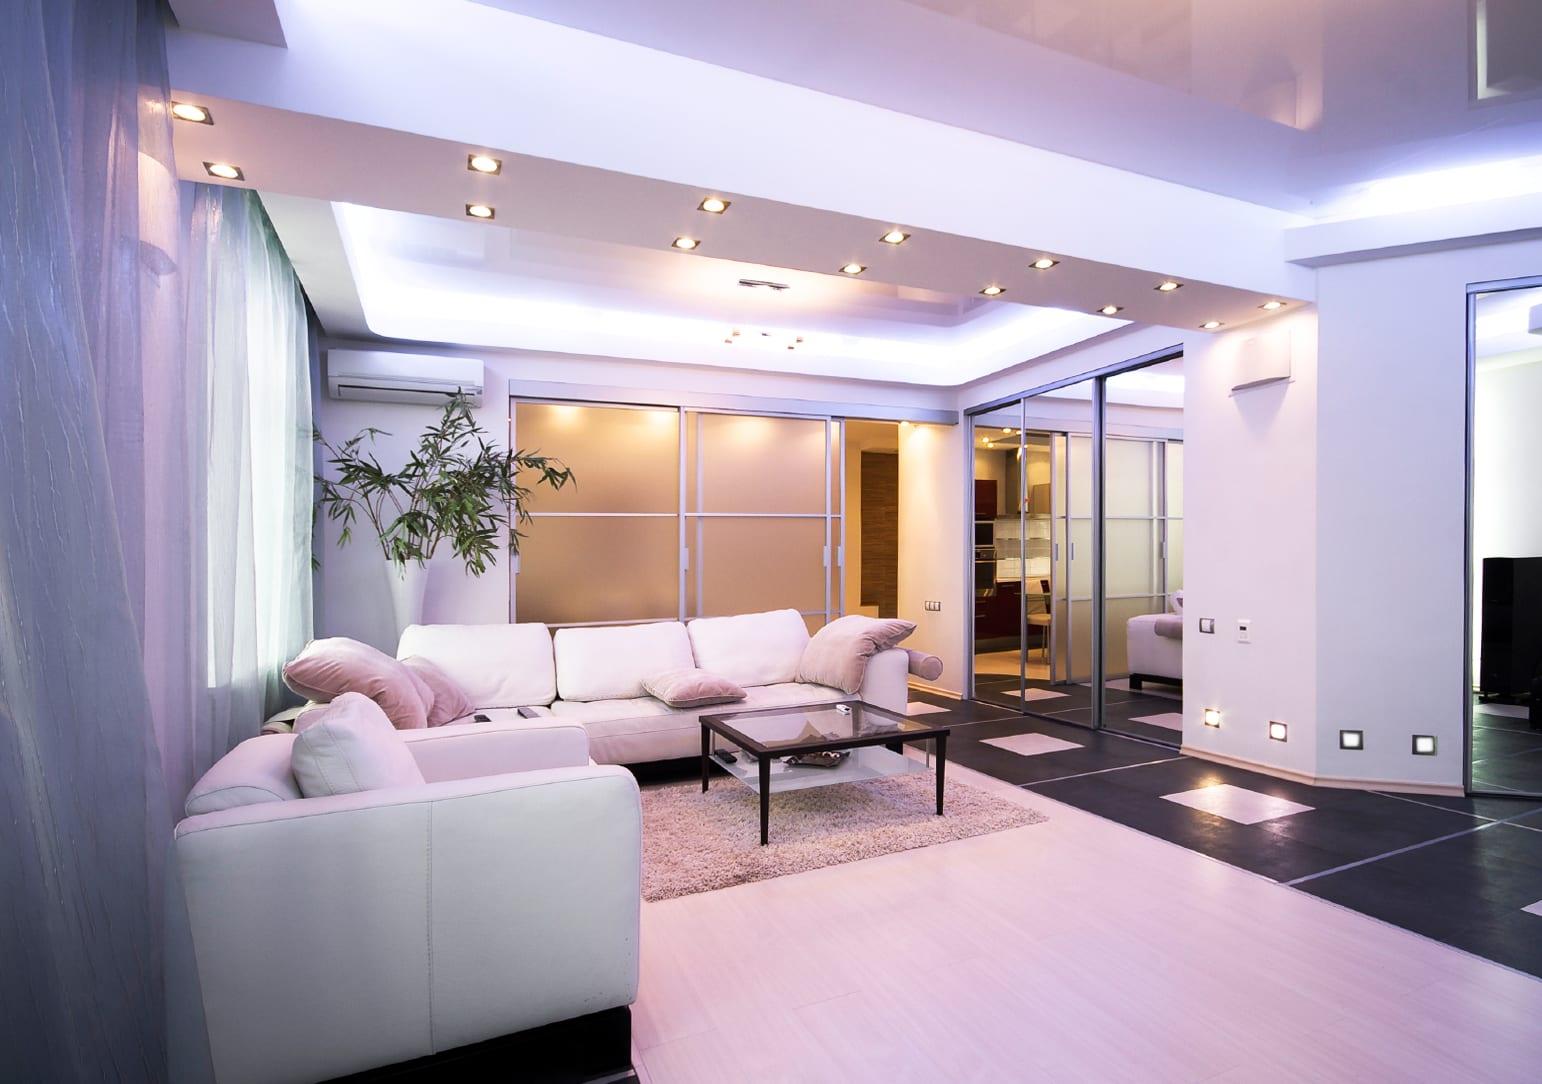 wohnzimmer decken gestalten wohnzimmer decken gestalten der raum in neuem licht wohnzimmer. Black Bedroom Furniture Sets. Home Design Ideas